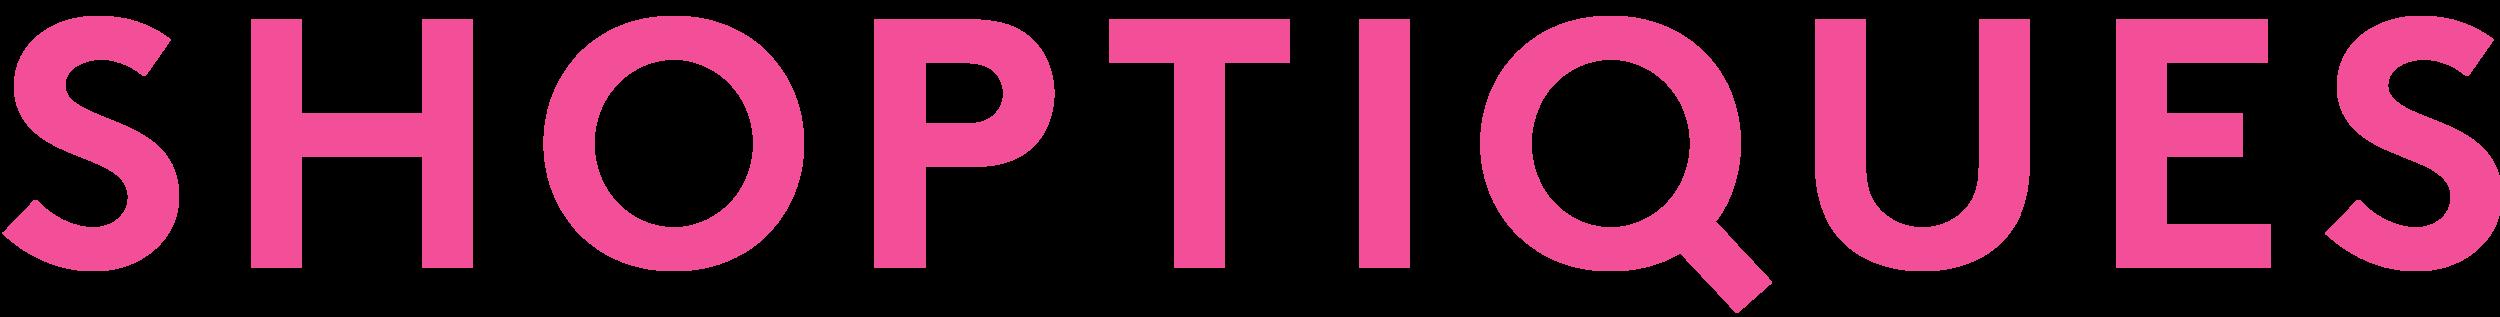 shoptiques-logo.png